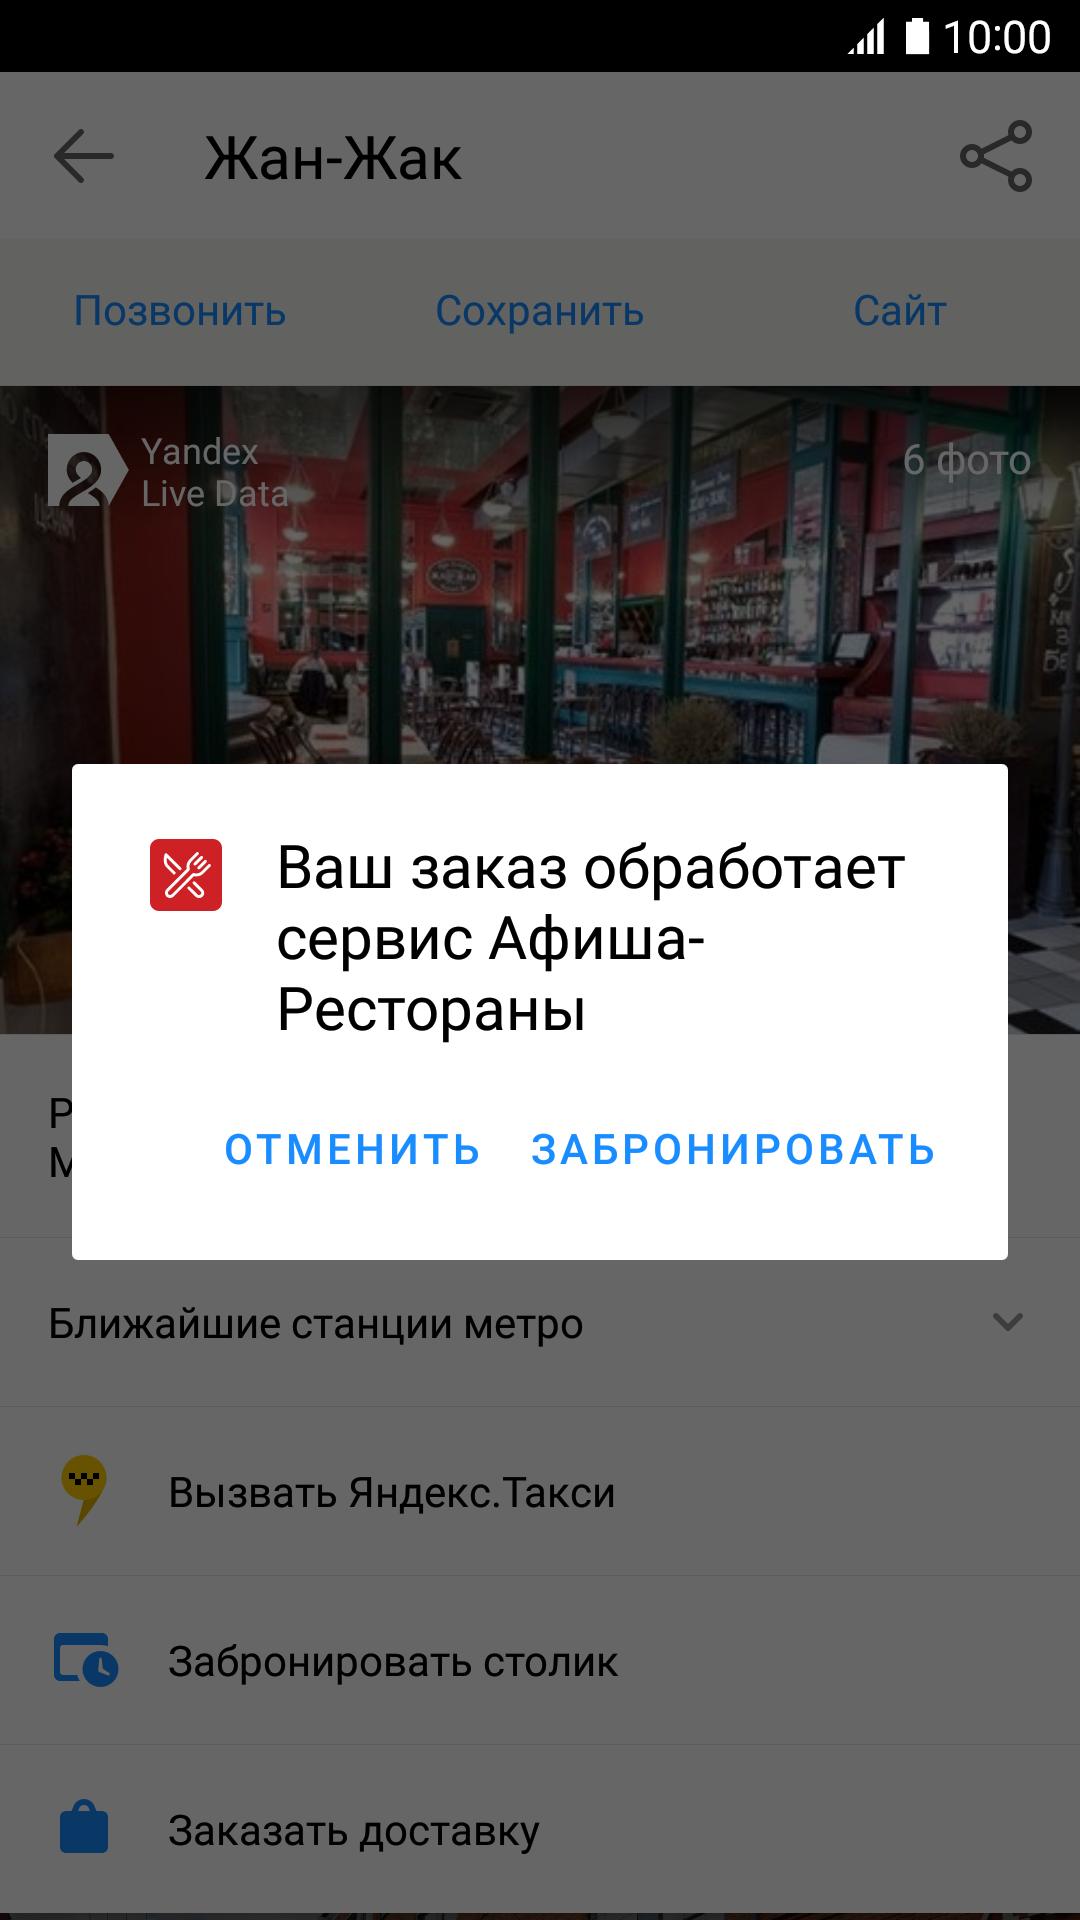 Яндекс научил Карты заказывать еду из ресторана